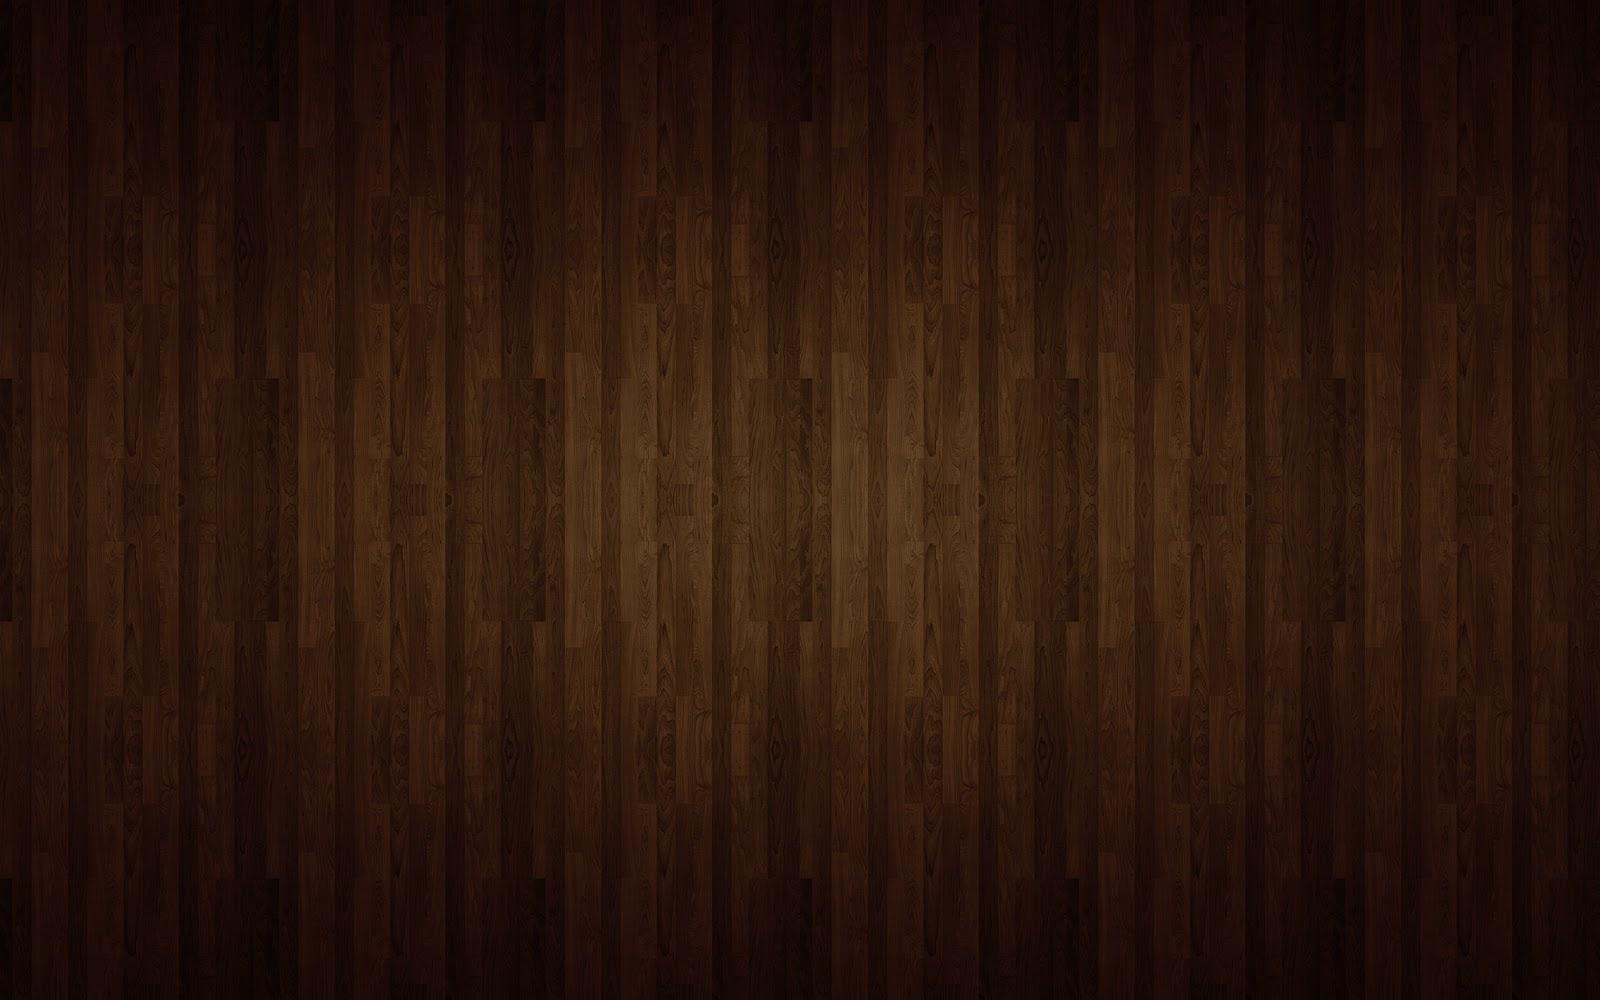 houten achtergronden hd - photo #8